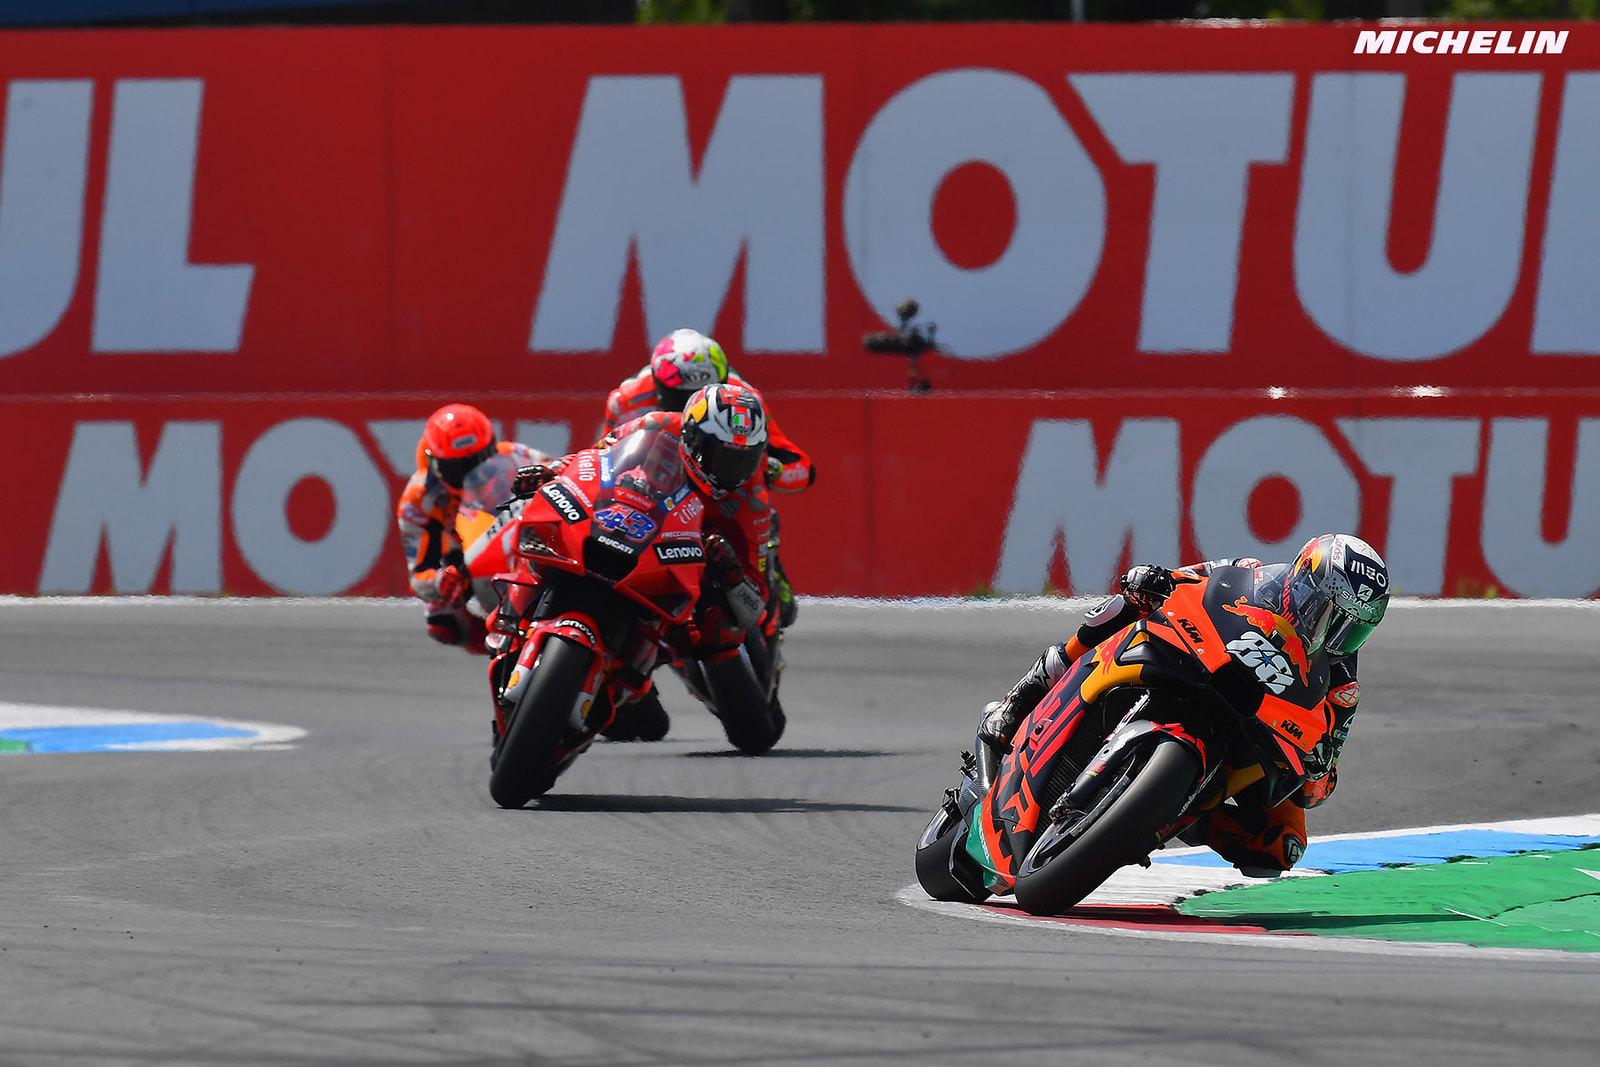 MotoGP2021オランダGP 5位ミゲル・オリヴェイラ「最速ではないがソリッドなレースが出来た」